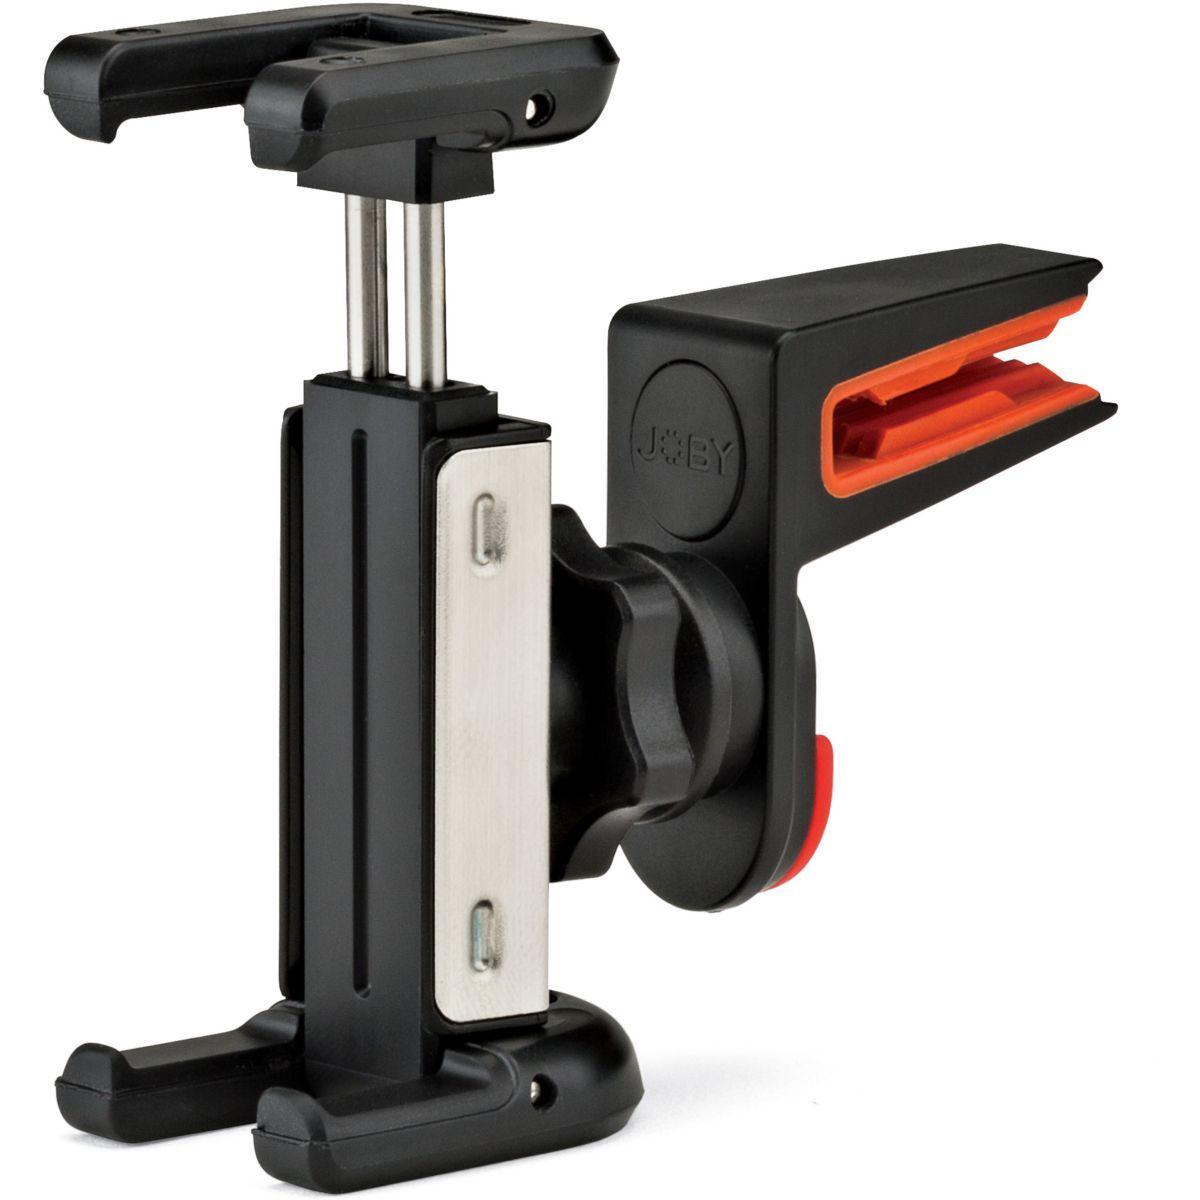 Support smartphone joby ventilation clip noir griptight auto - livraison offerte : code liv (photo)